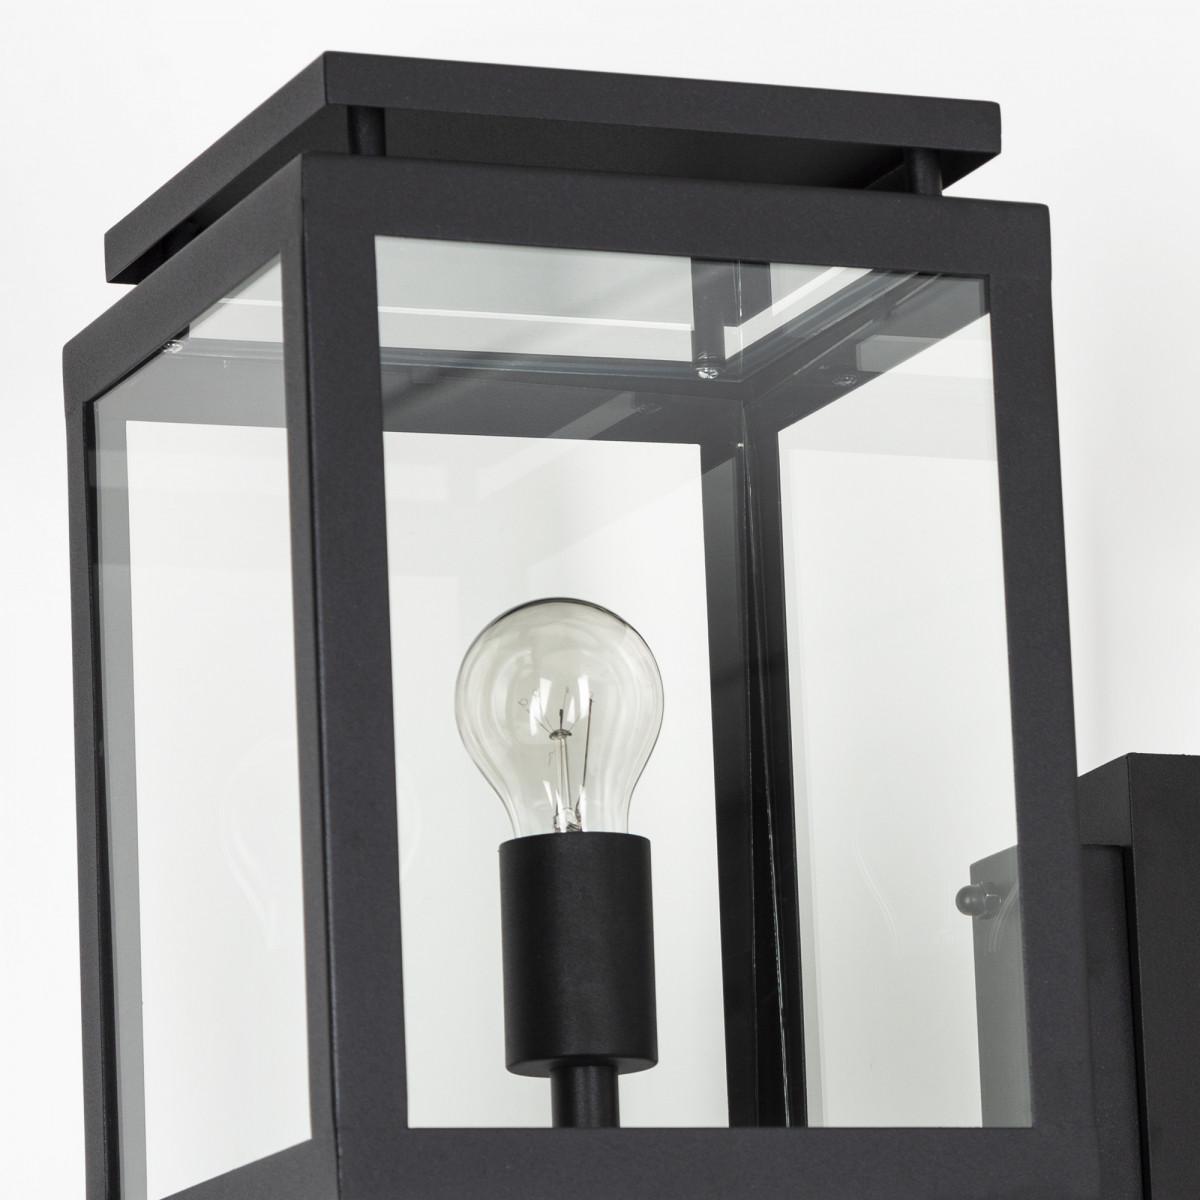 Tuinlamp Vecht lantaarn 2 lichts van KS Verlichting exclusieve tuinverlichting